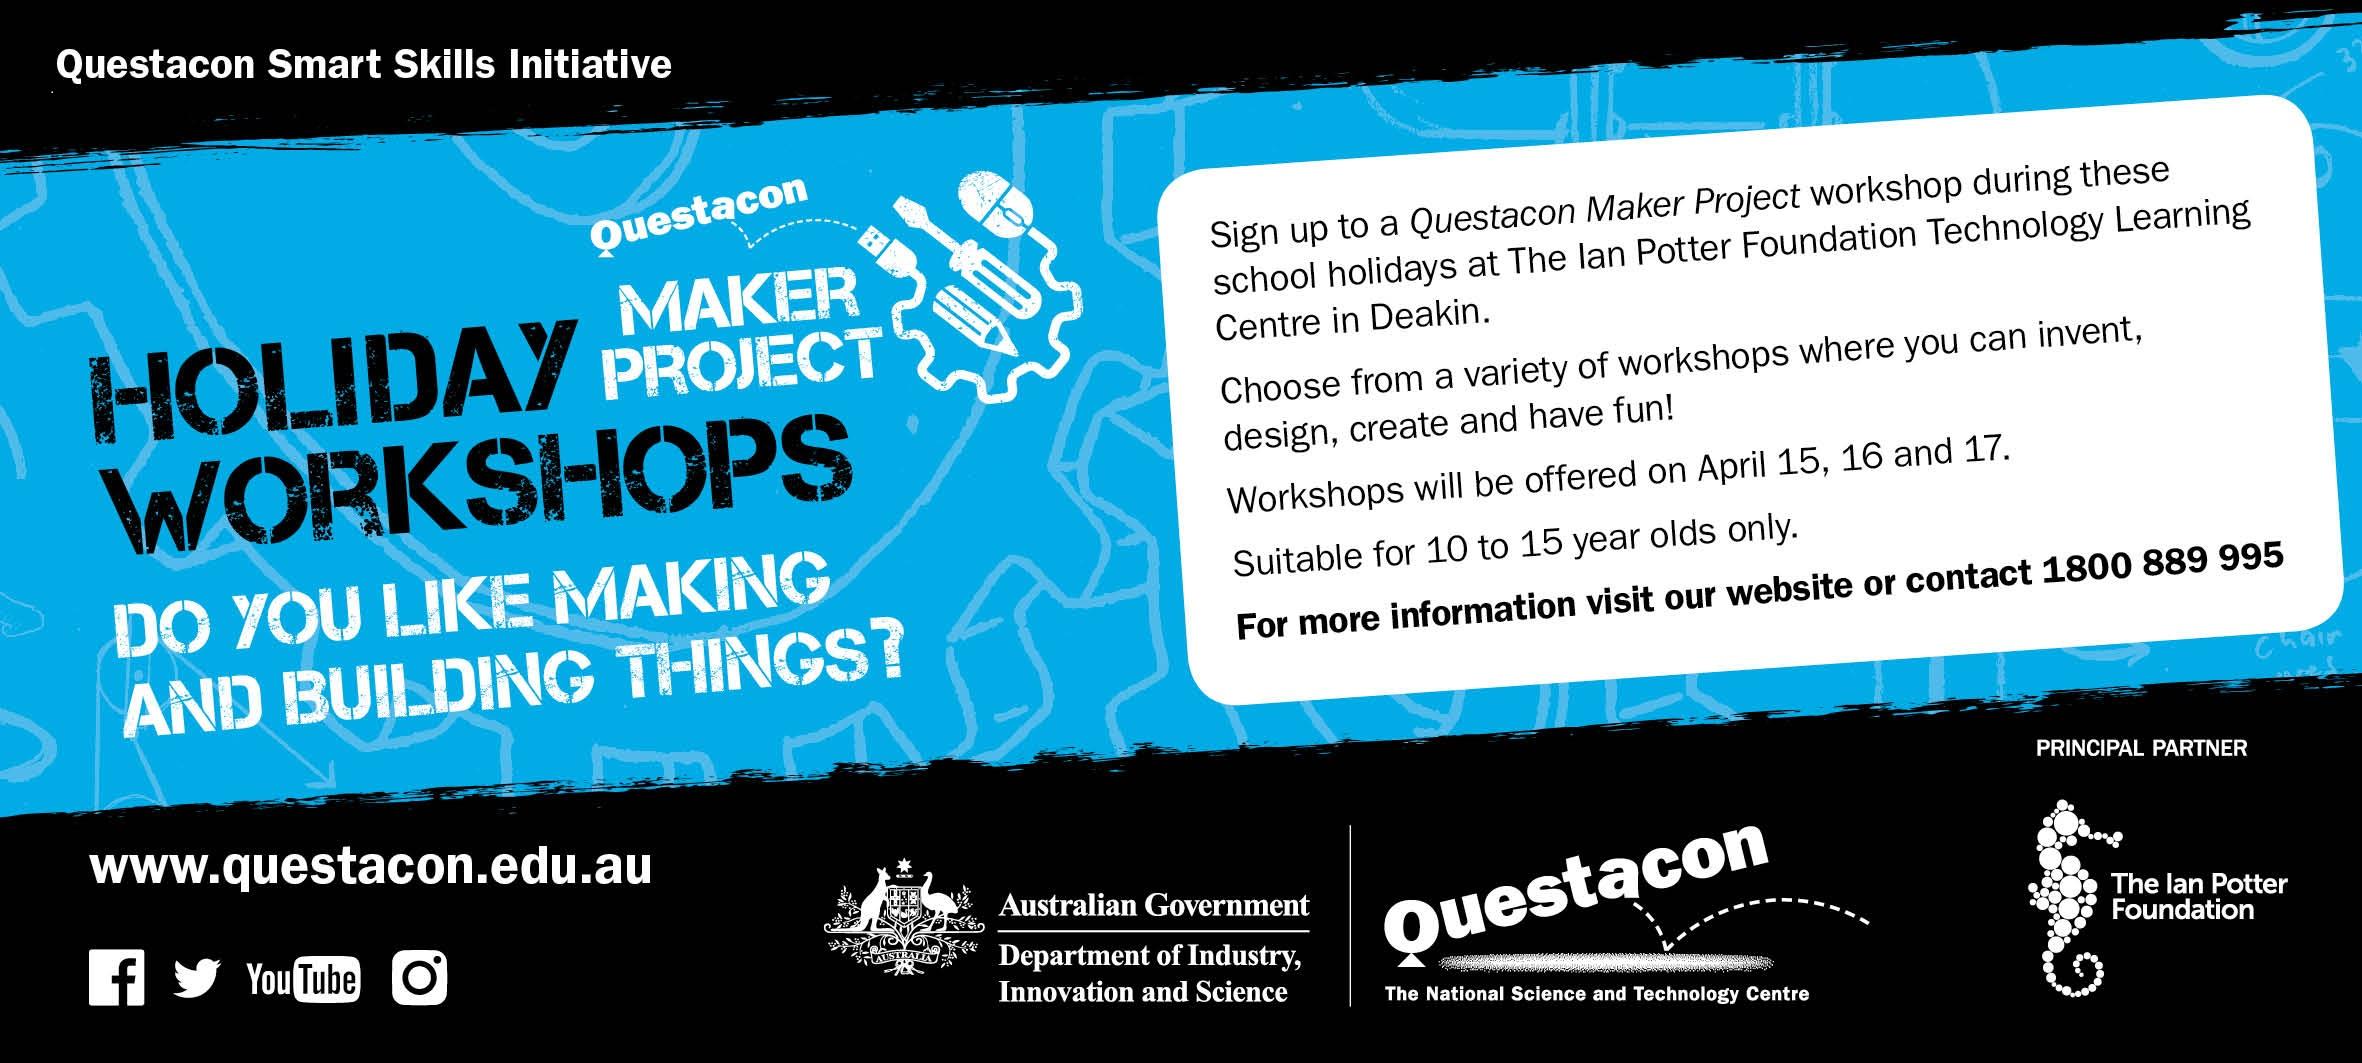 19013_Maker_Project_April_Holiday_Workshop_Newsletter_Graphic.jpg